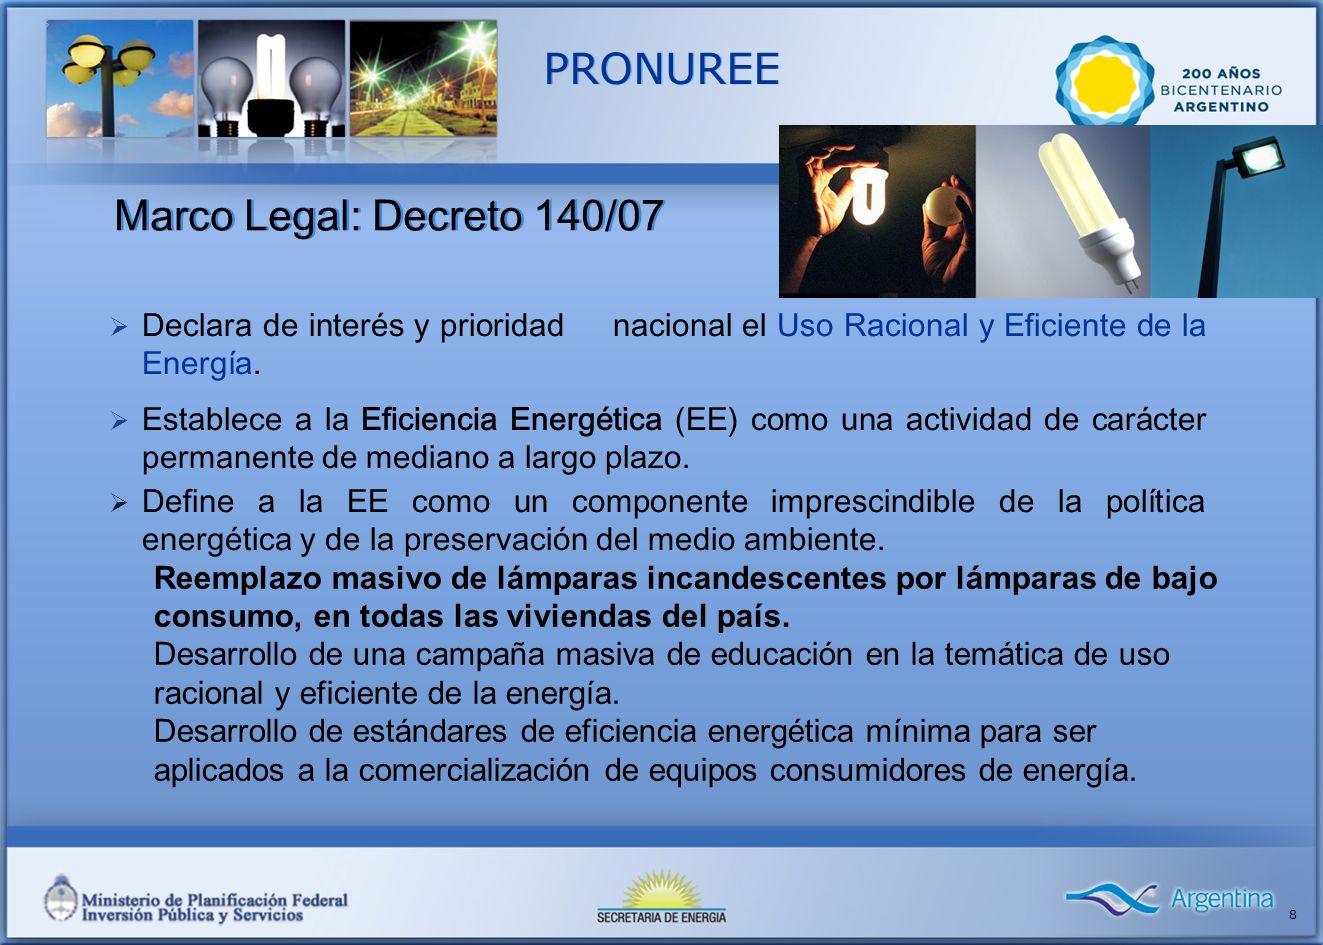 PRONUREE Marco Legal: Decreto 140/07 Declara de interés y prioridad nacional el Uso Racional y Eficiente de la Energía.